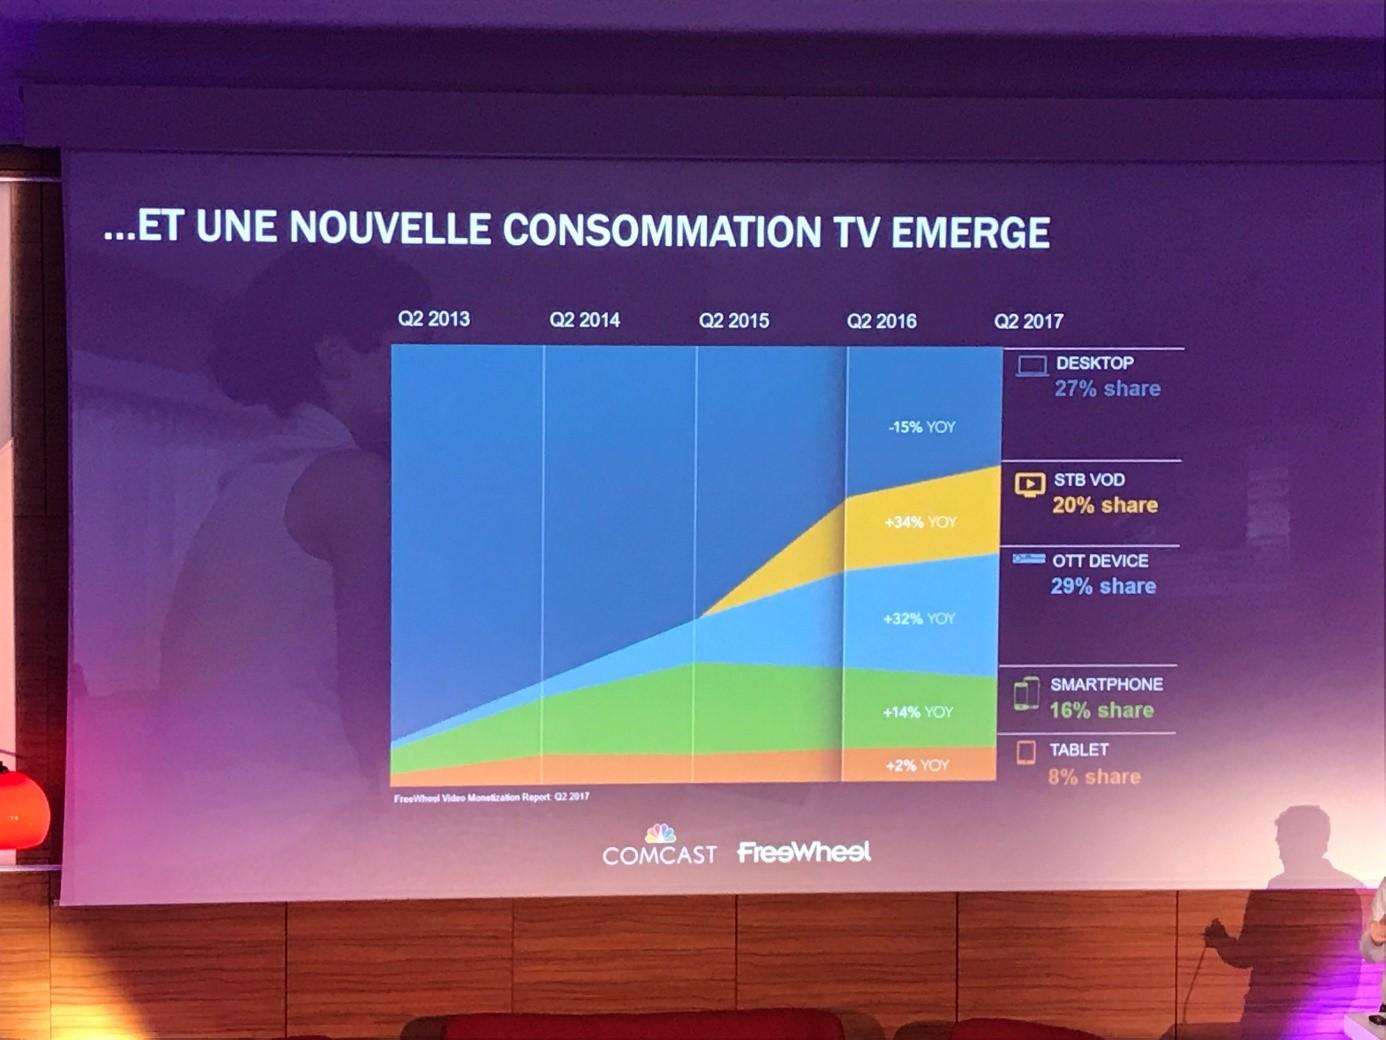 Evolution de la consommation TV